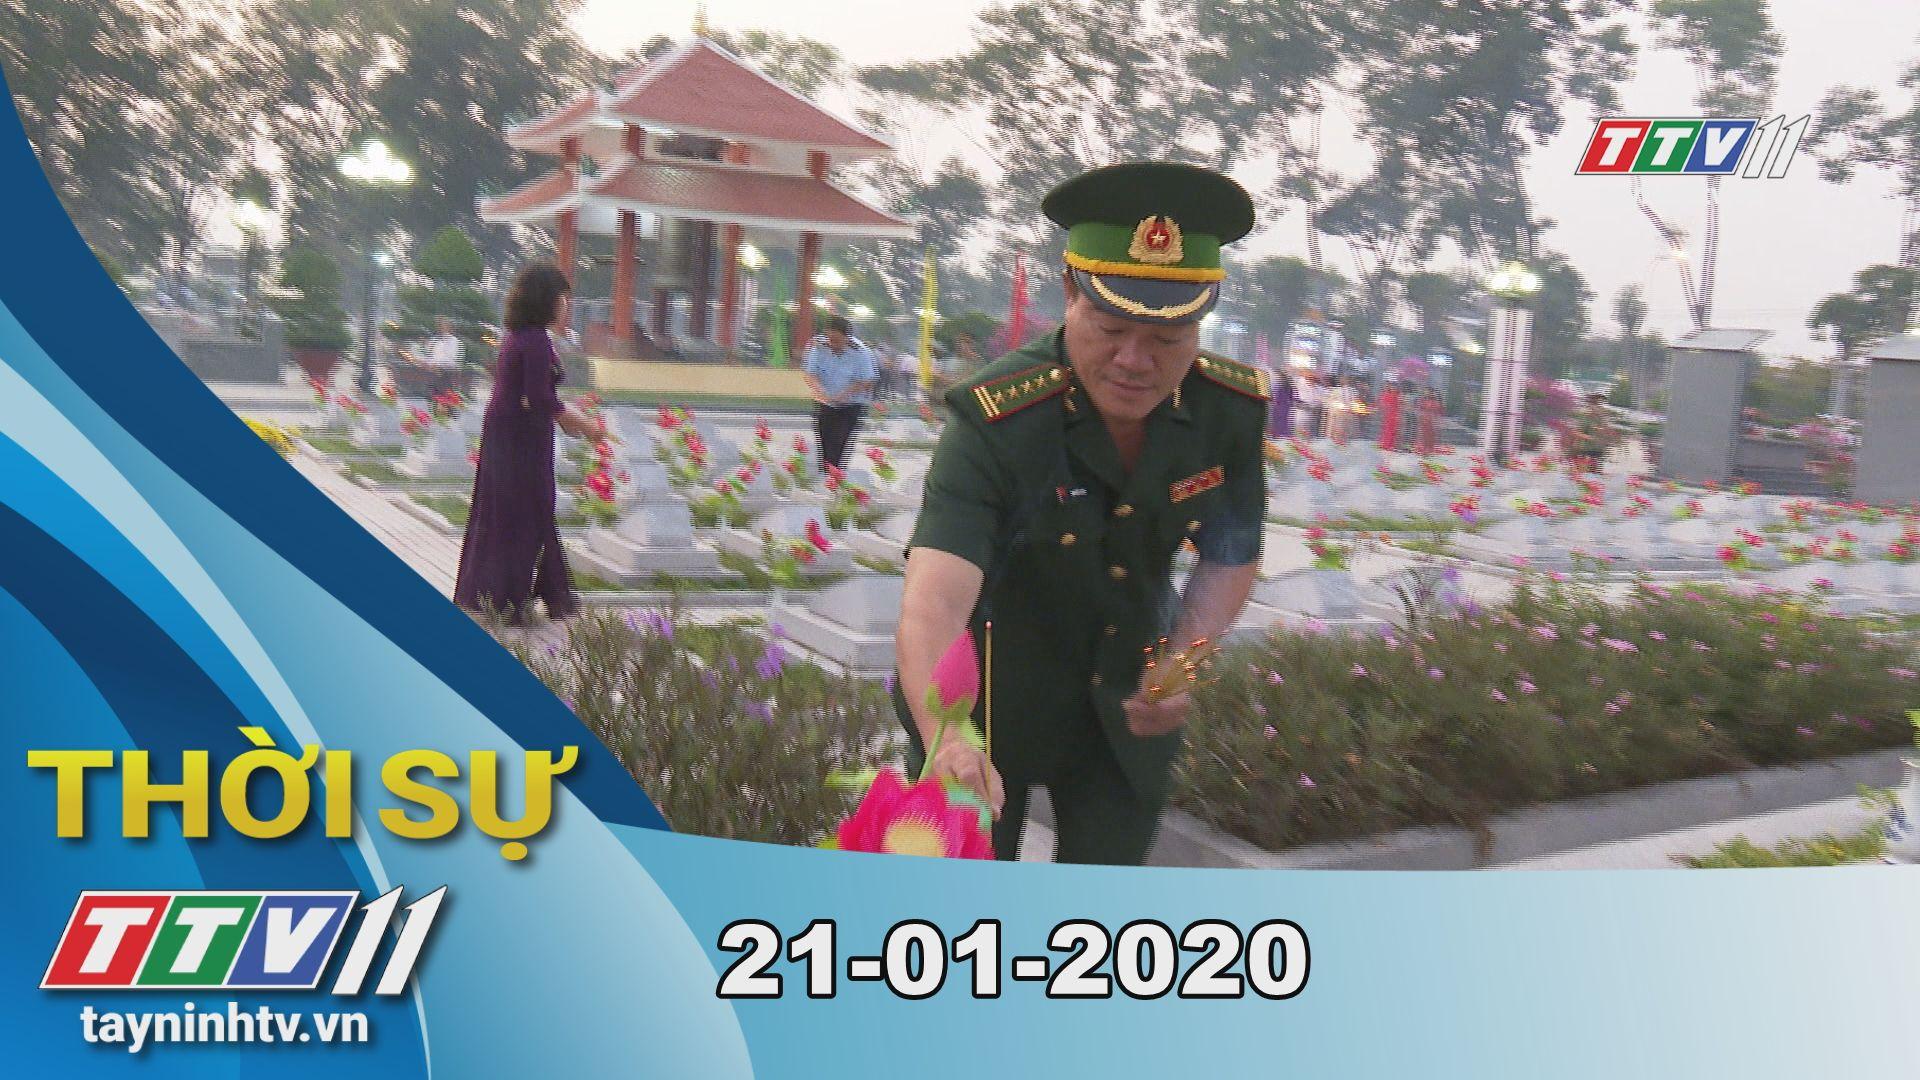 Thời sự Tây Ninh 21-01-2020 | Tin tức hôm nay | TayNinhTV